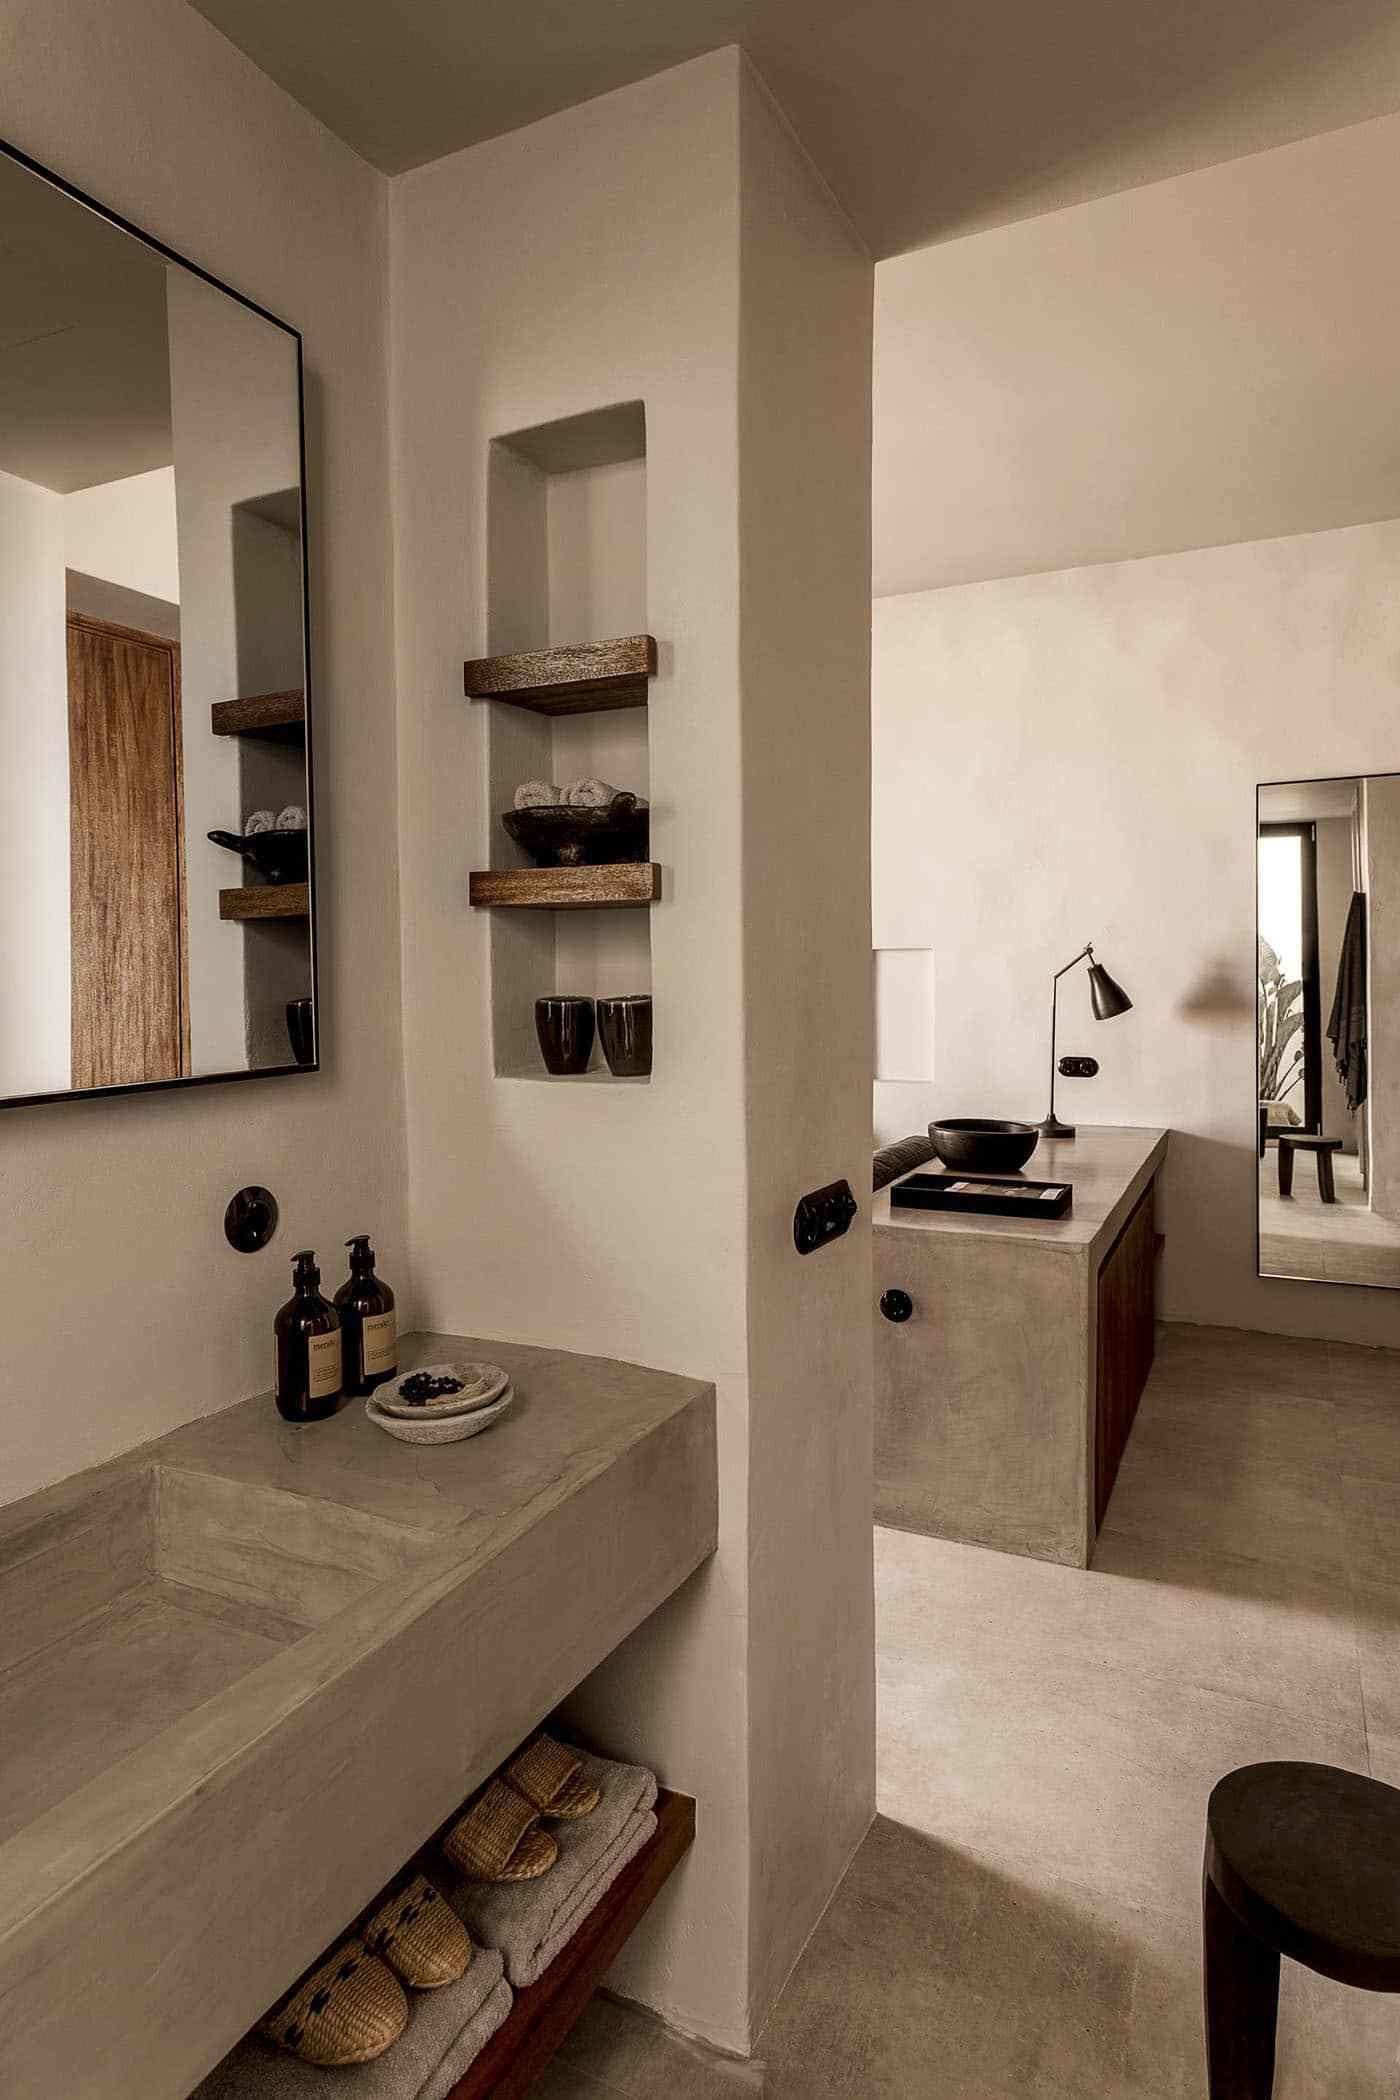 Badezimmerdesign mit jacuzzi casa cook um hotel inspirado no espírito do nosso tempo  pinterest